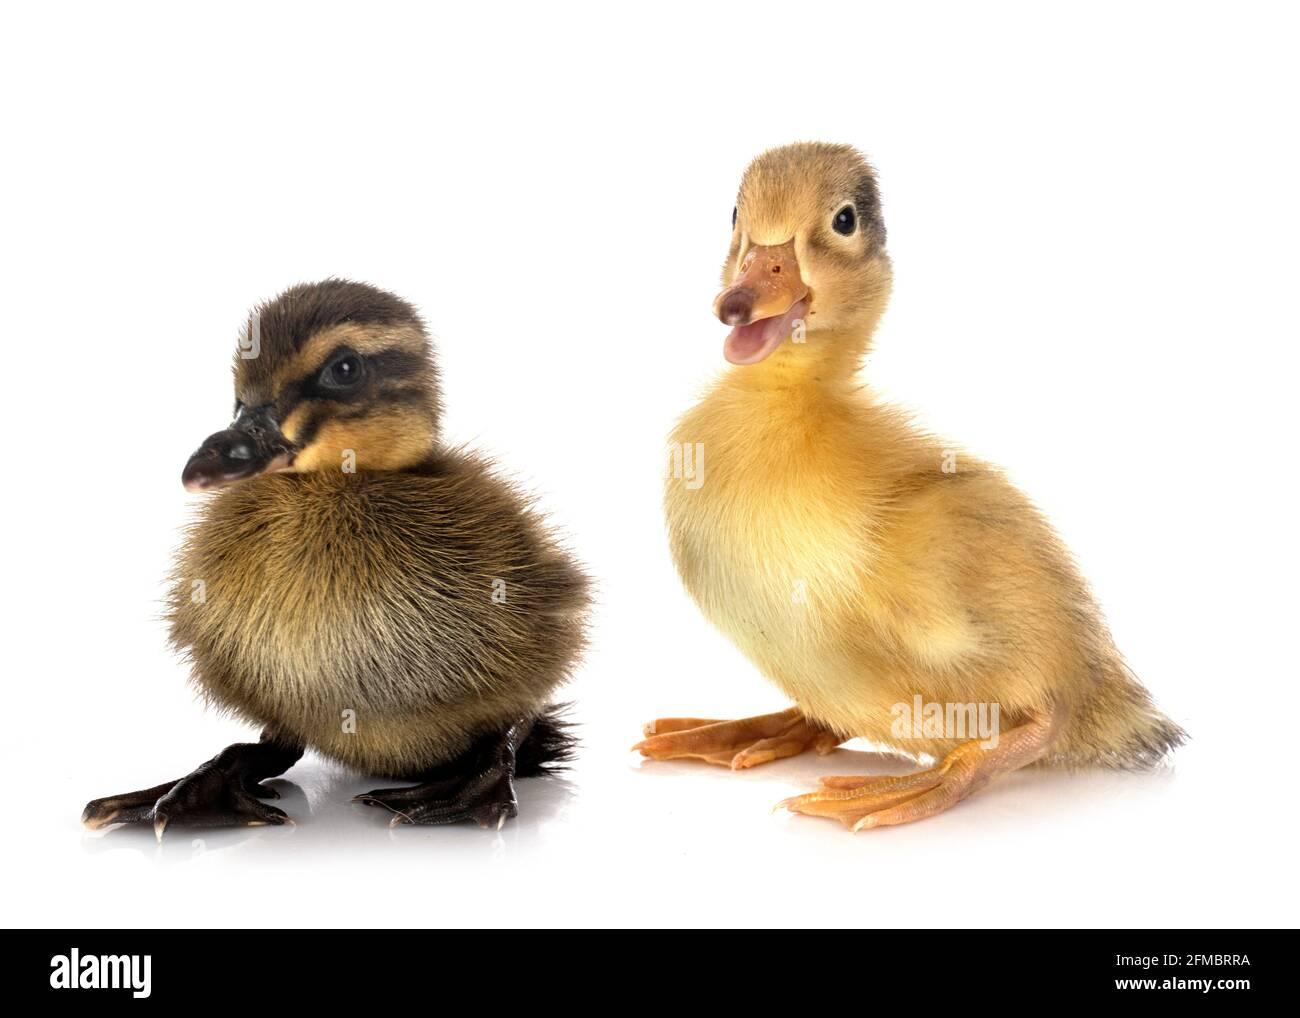 pequeños patos delante de fondo blanco Foto de stock